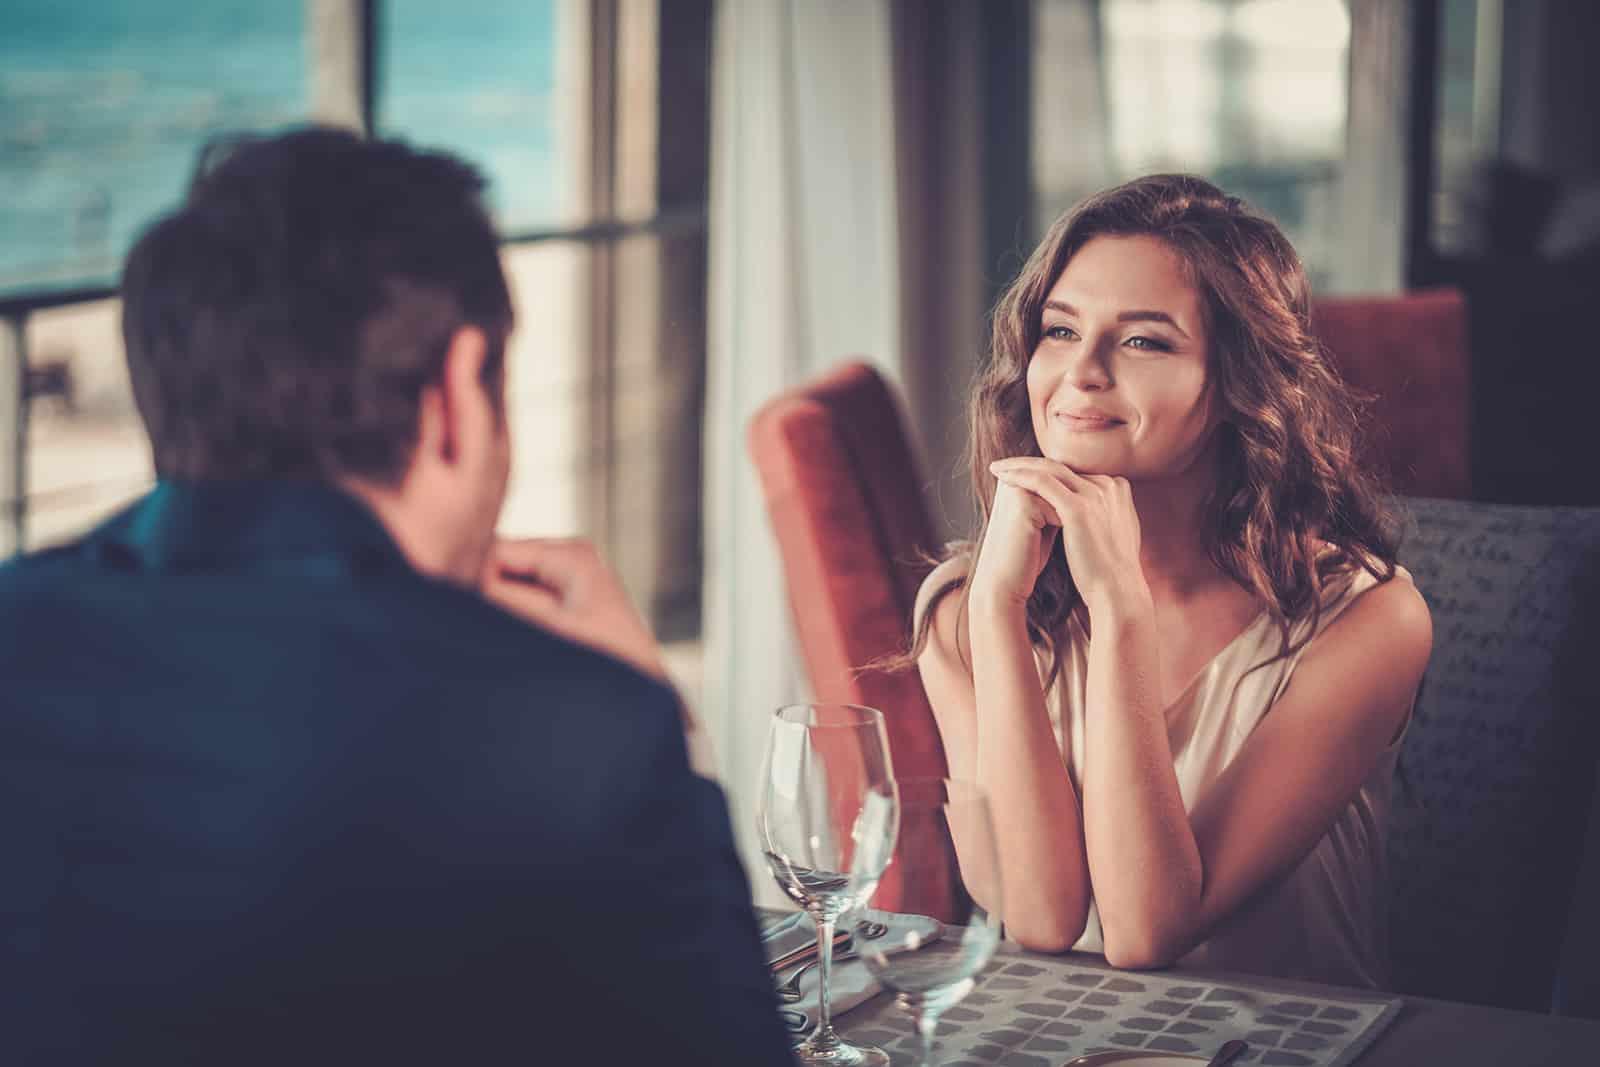 eine positive Frau, die einen Mann ansieht, der mit ihr am Tag in einem Restaurant spricht